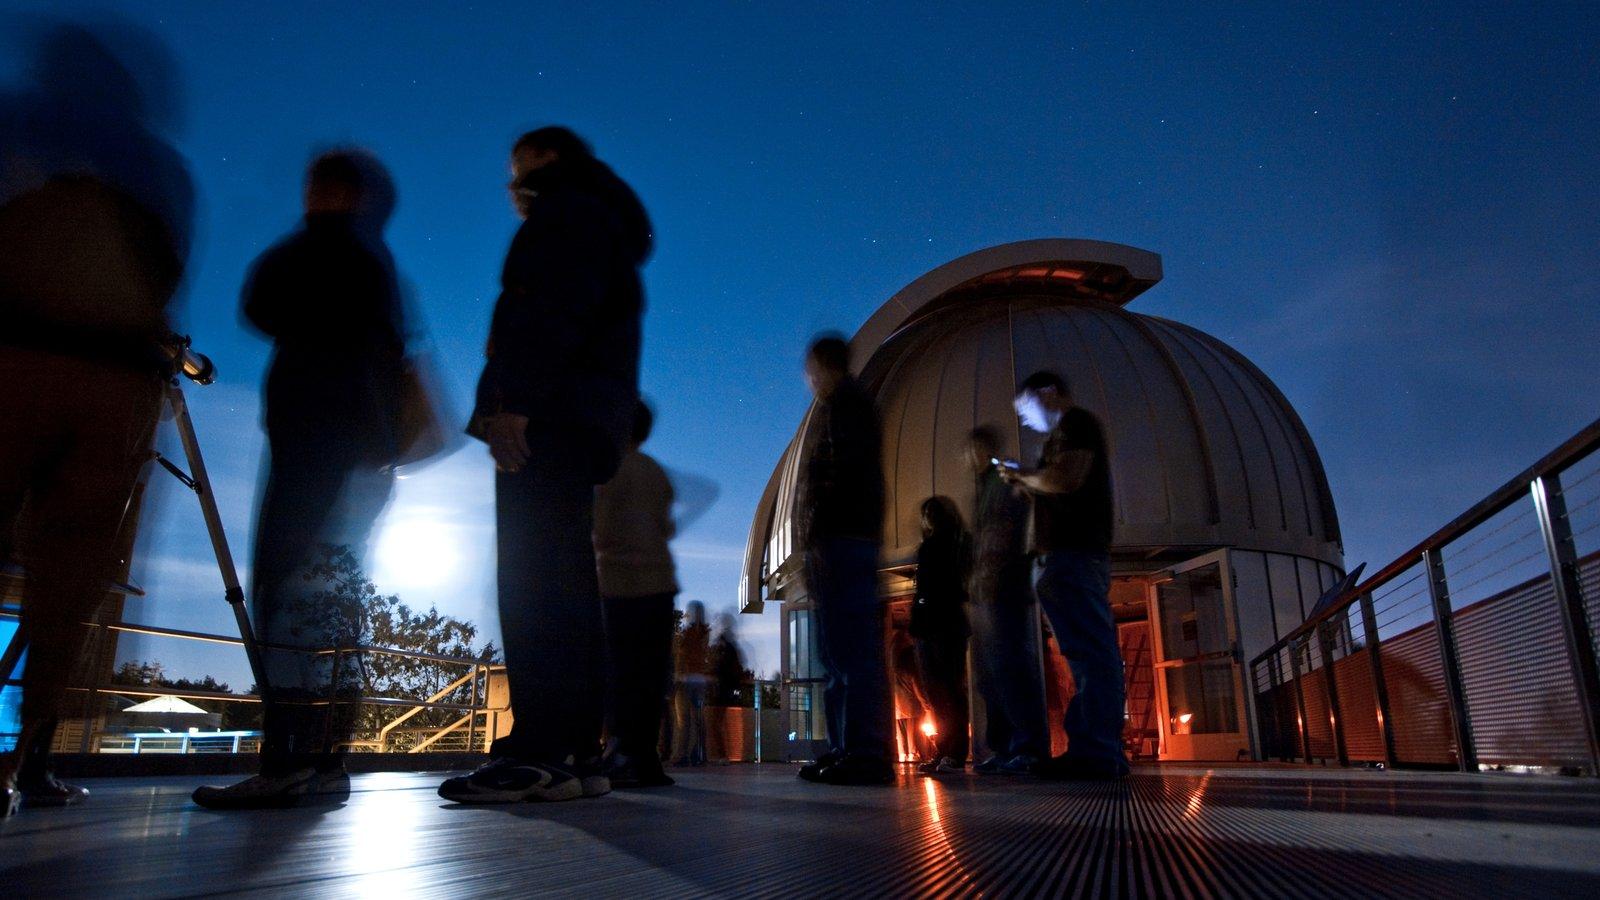 Chabot Space and Science Center que inclui cenas noturnas, paisagens e um observatório